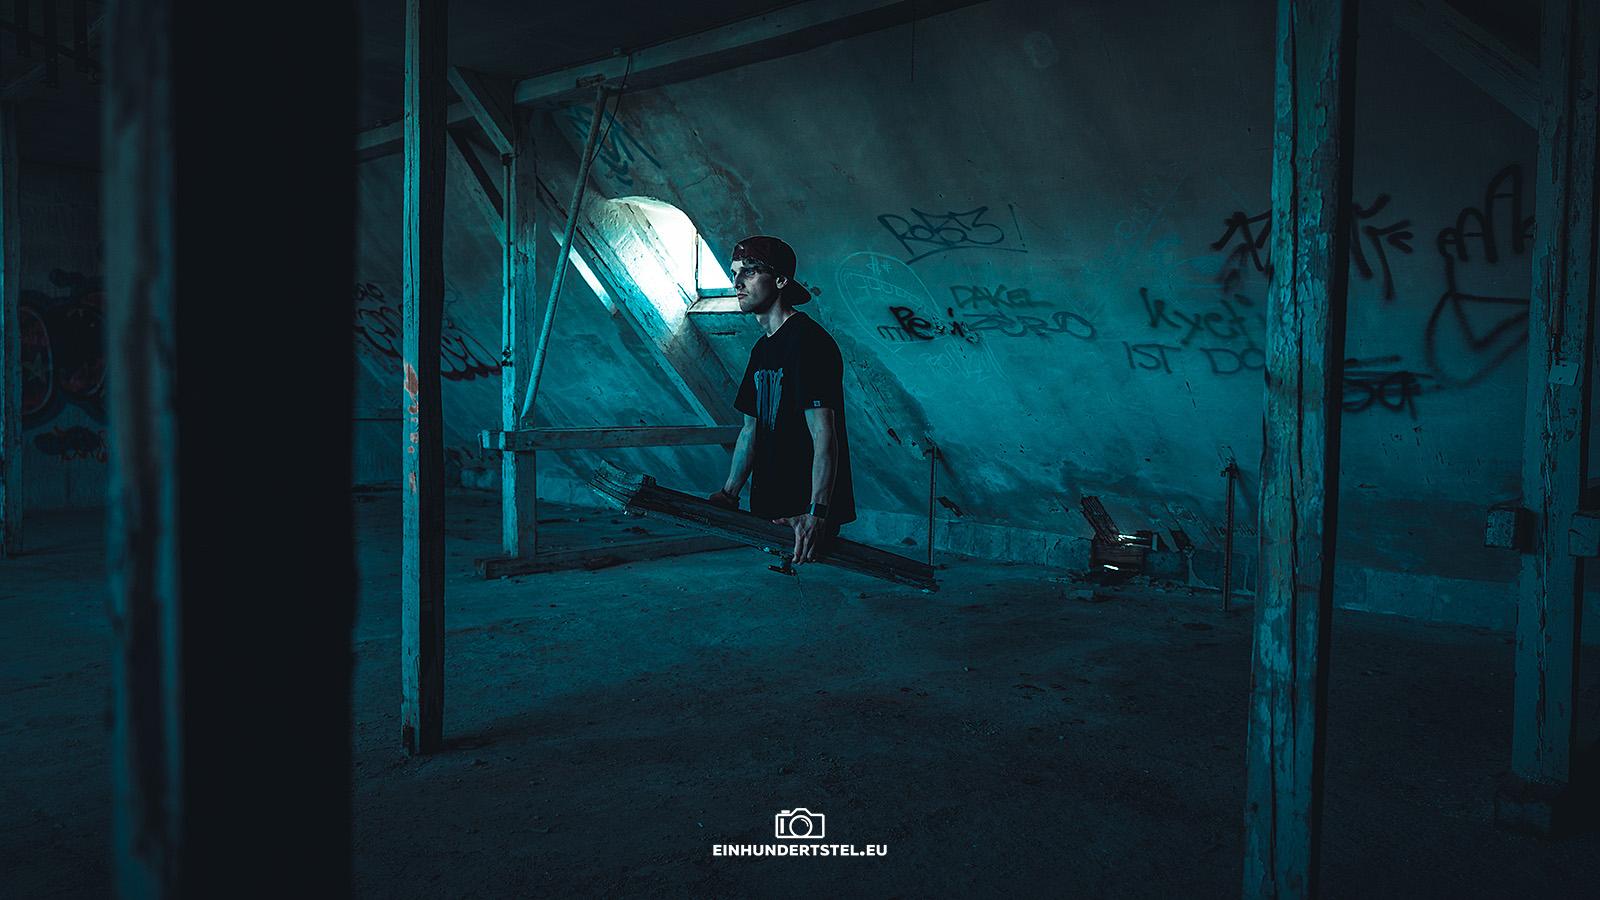 Ein Mann scheint aus einem Fensterrahmen zu steigen, den er selbst trägt. Er befindet sich in einem alten verlassenen Haus.